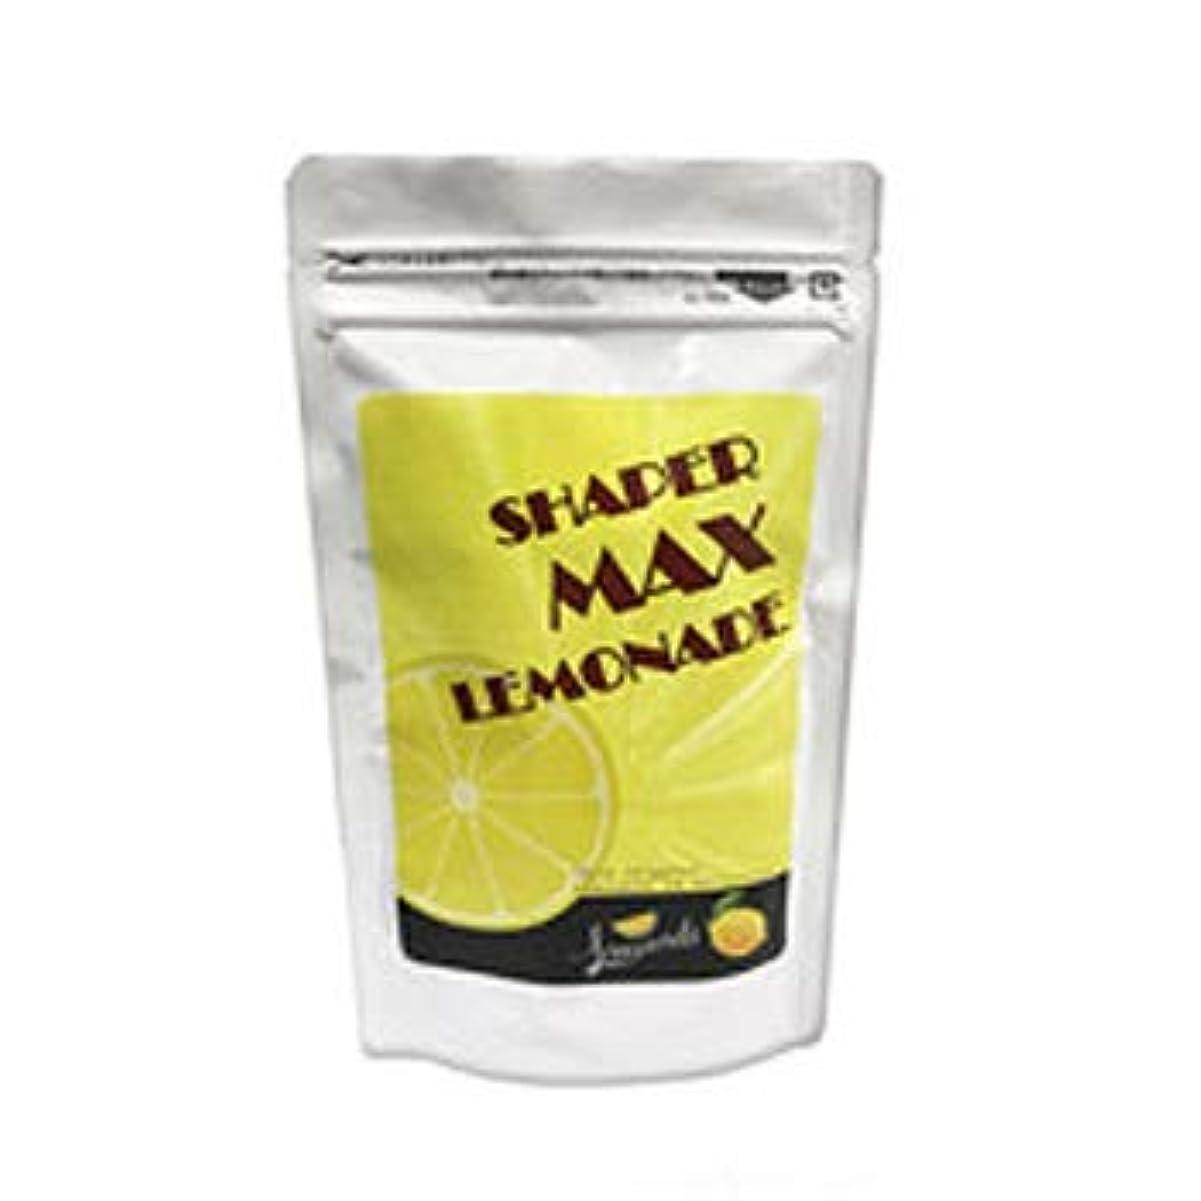 牧師対処ドームシェイパーマックスレモネード SHAPER MAX LEMONADE/ダイエット ドリンク レモネード 飲む ボディケア